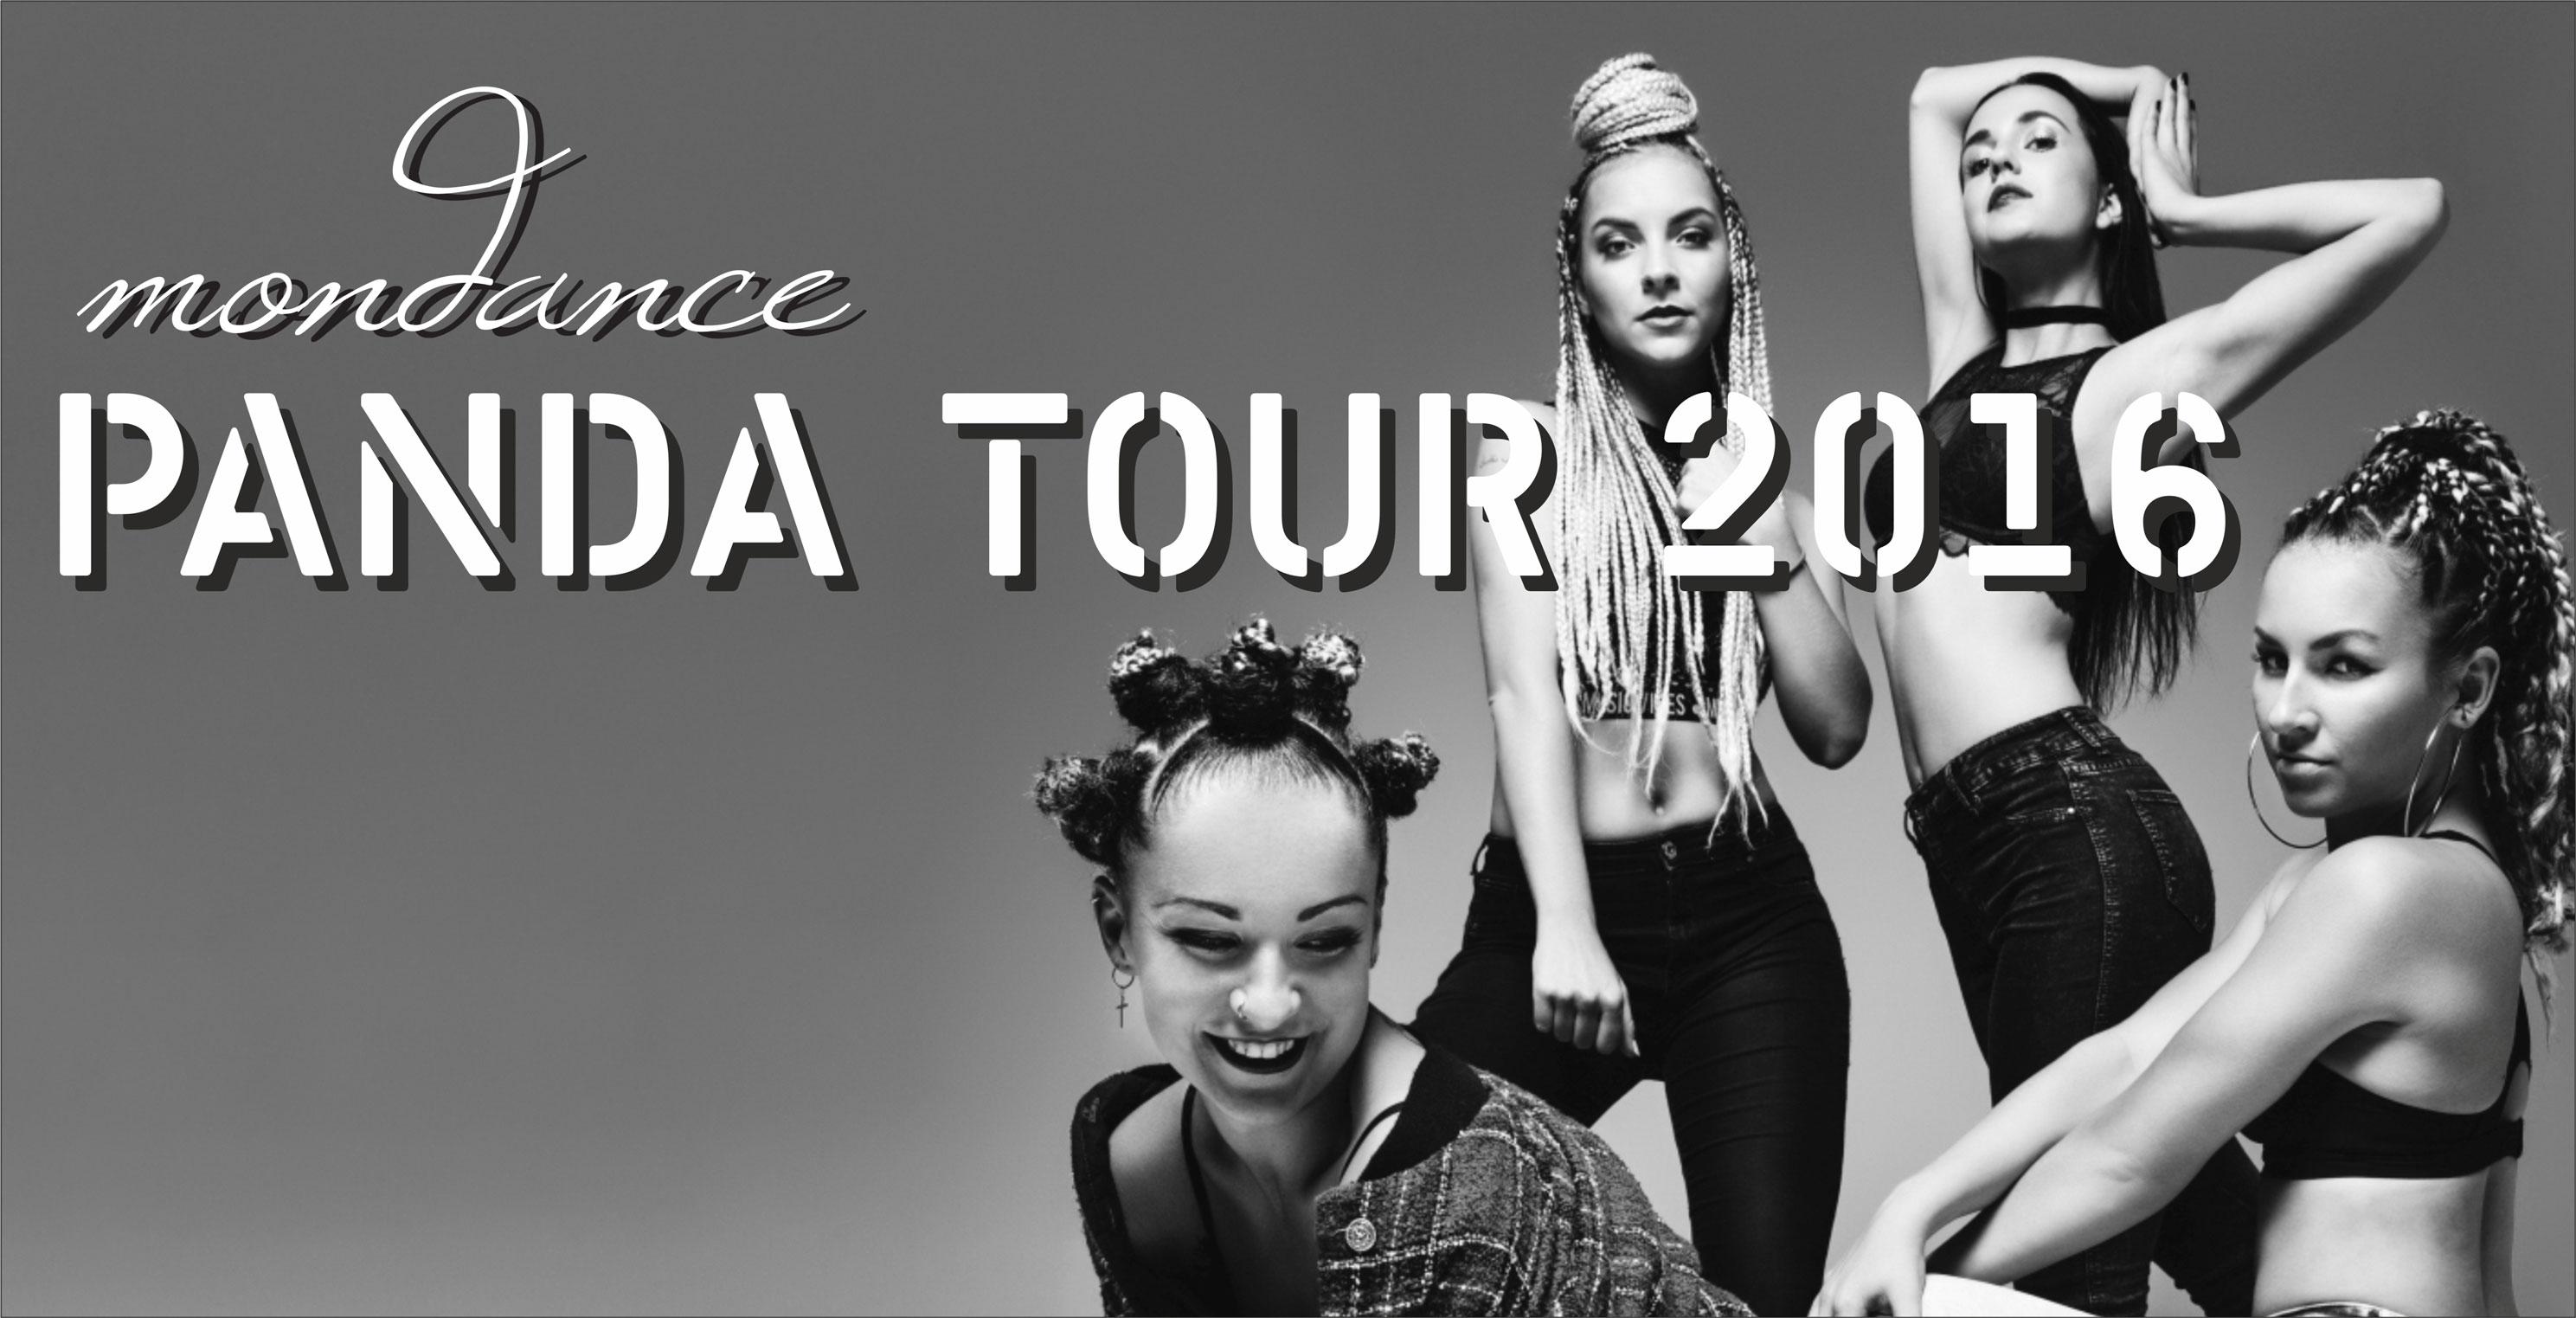 Mondance Panda tour 2016